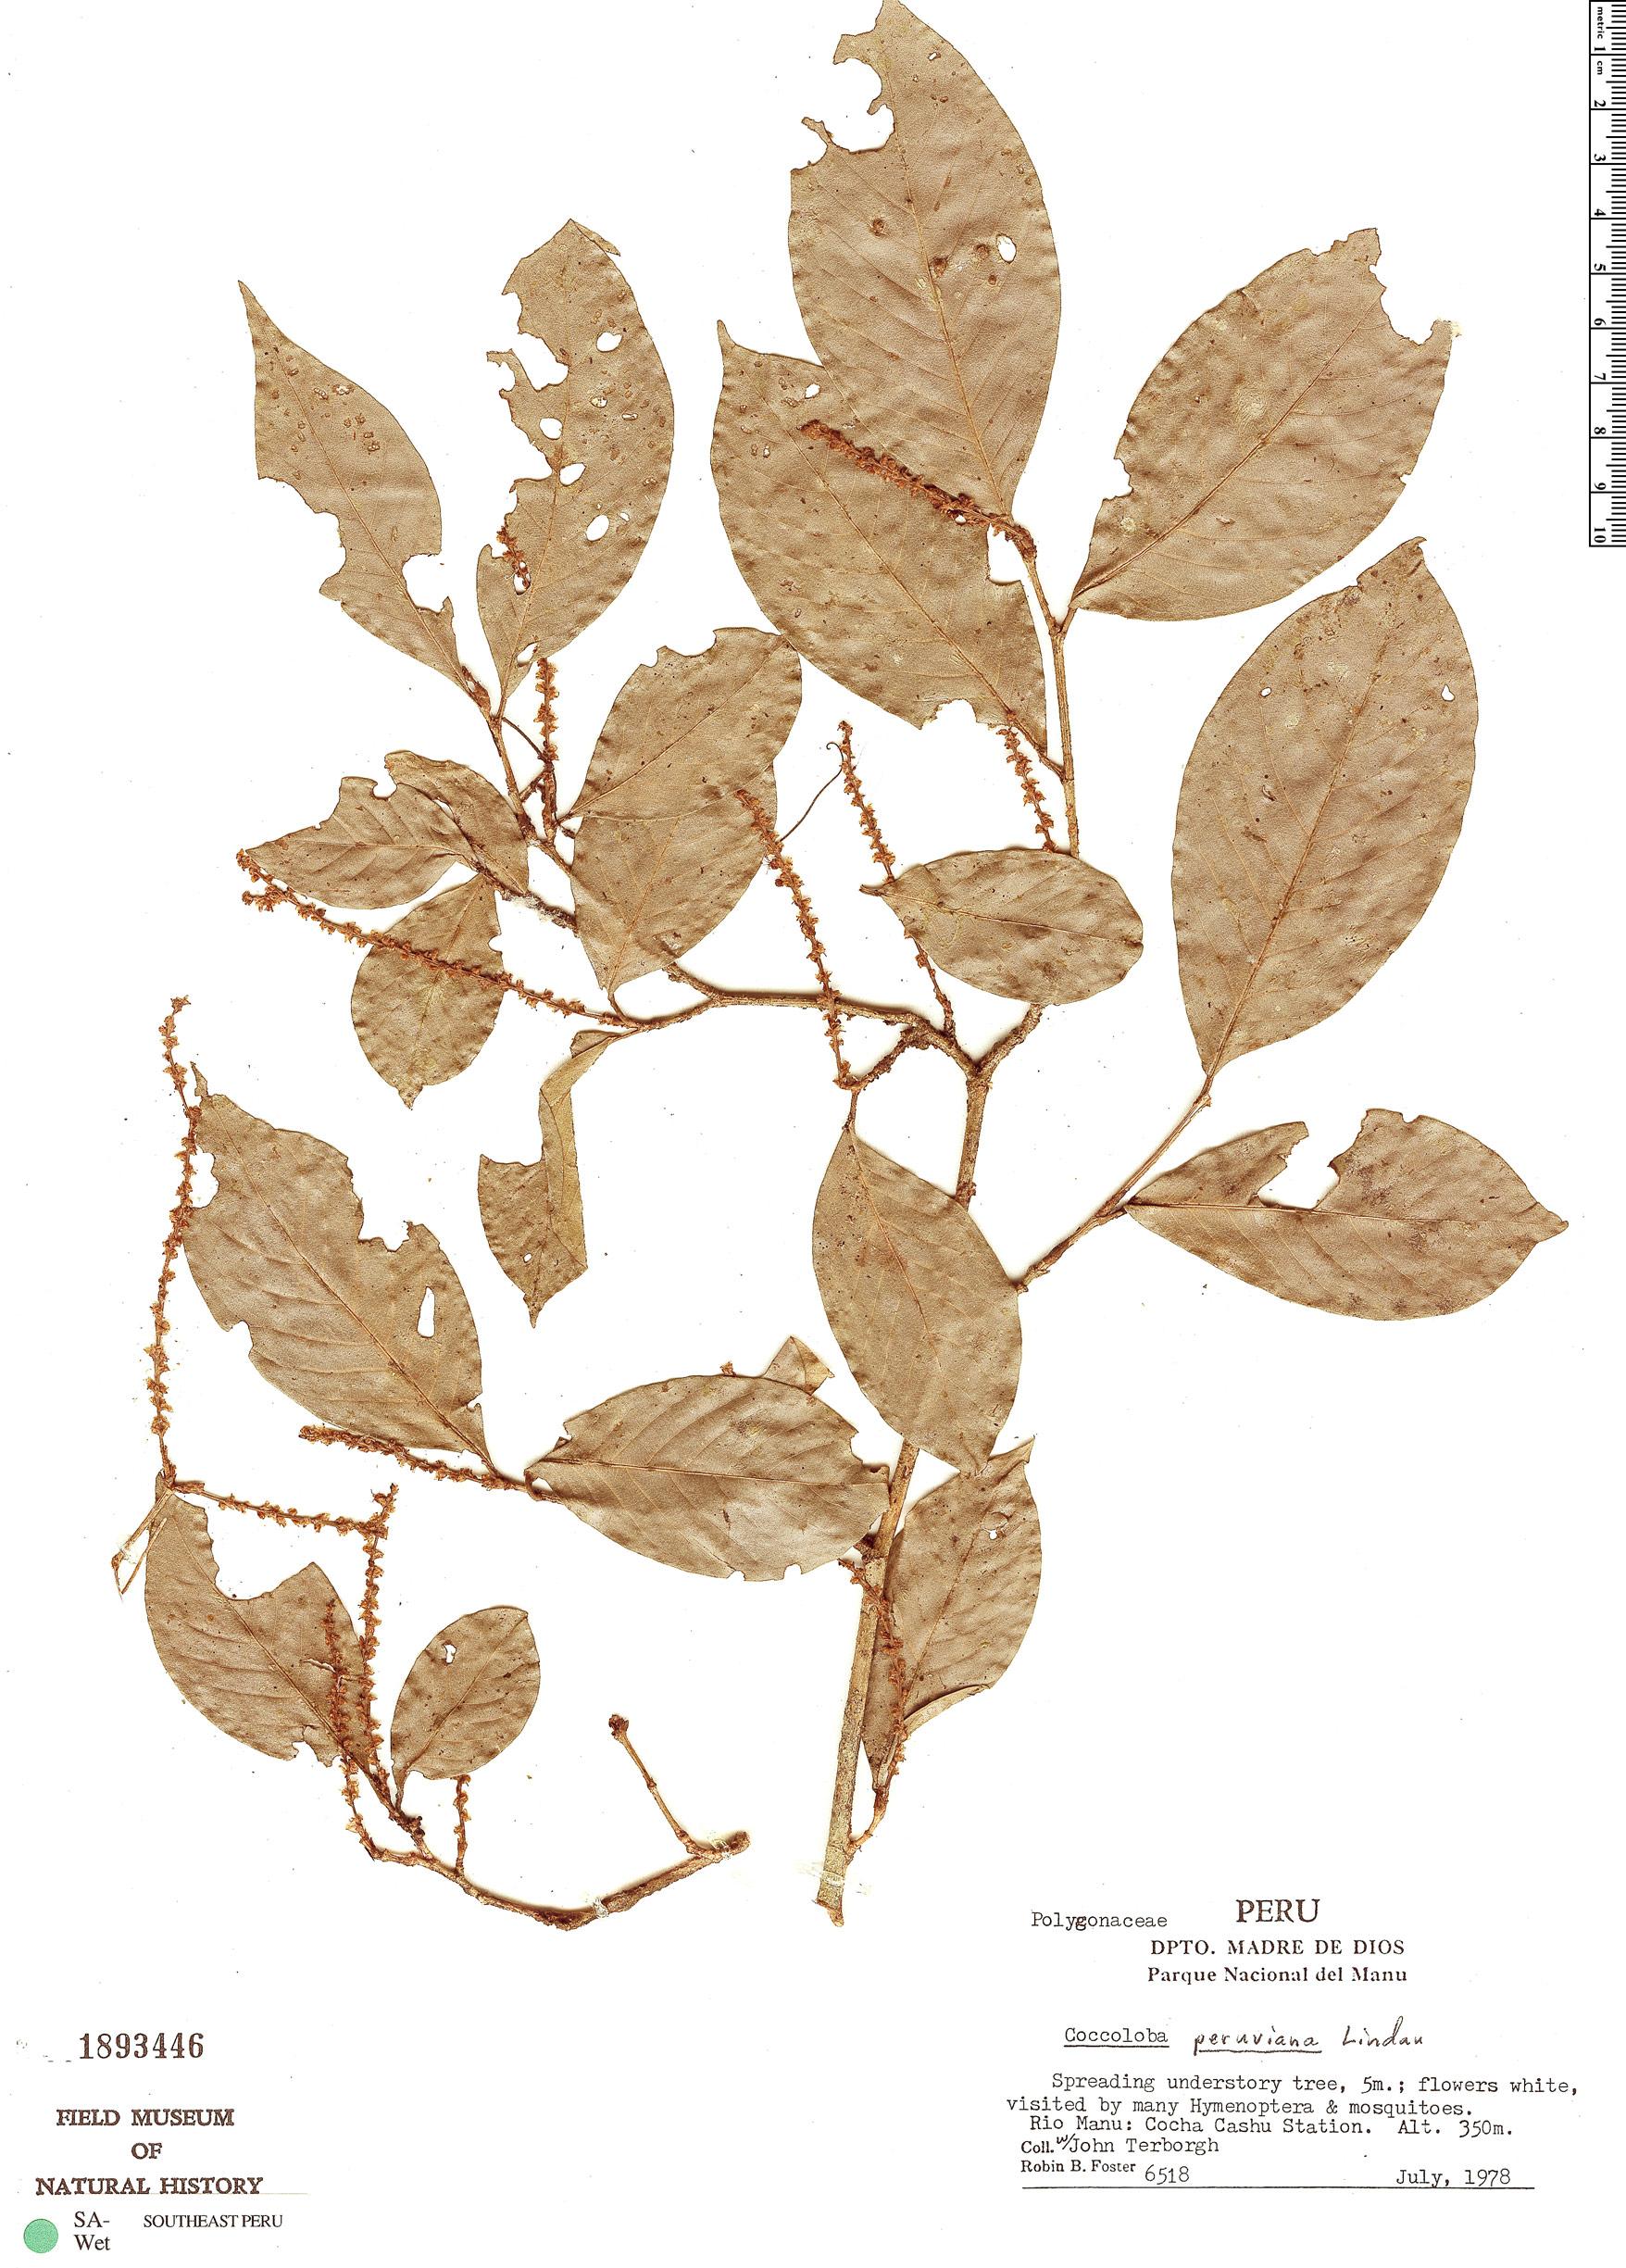 Specimen: Coccoloba peruviana